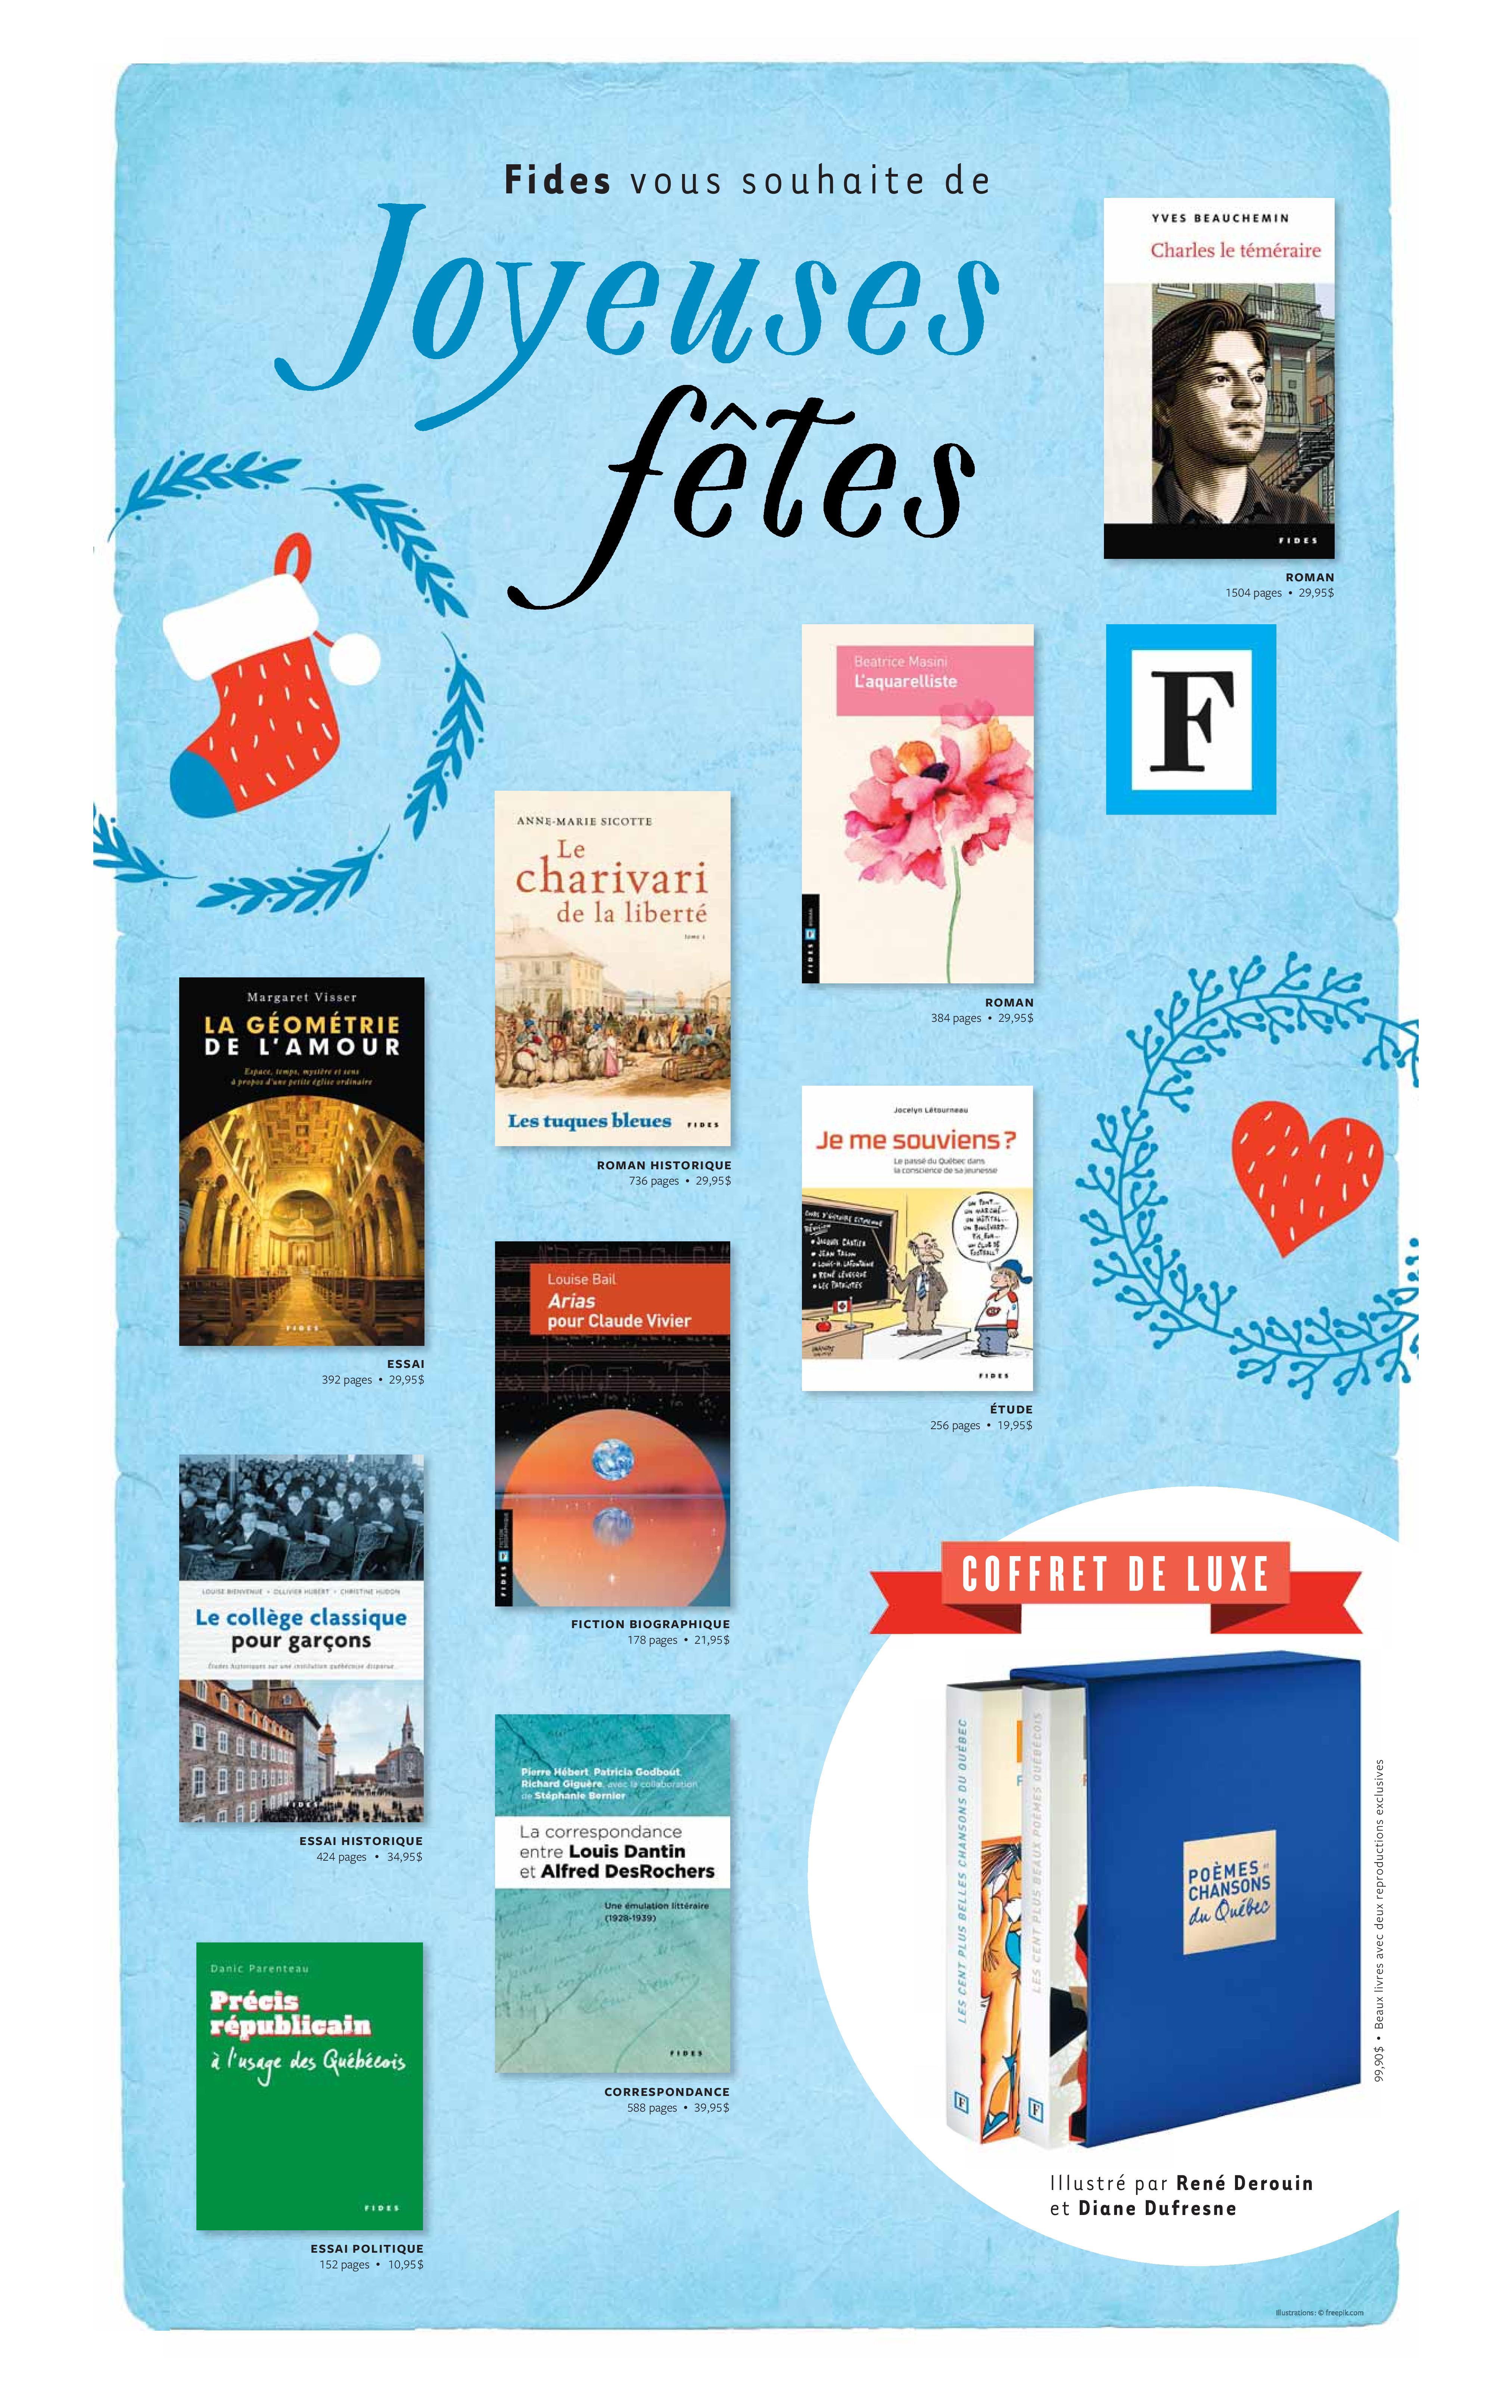 Les Éditions Fides vous souhaite de Joyeuses fêtes